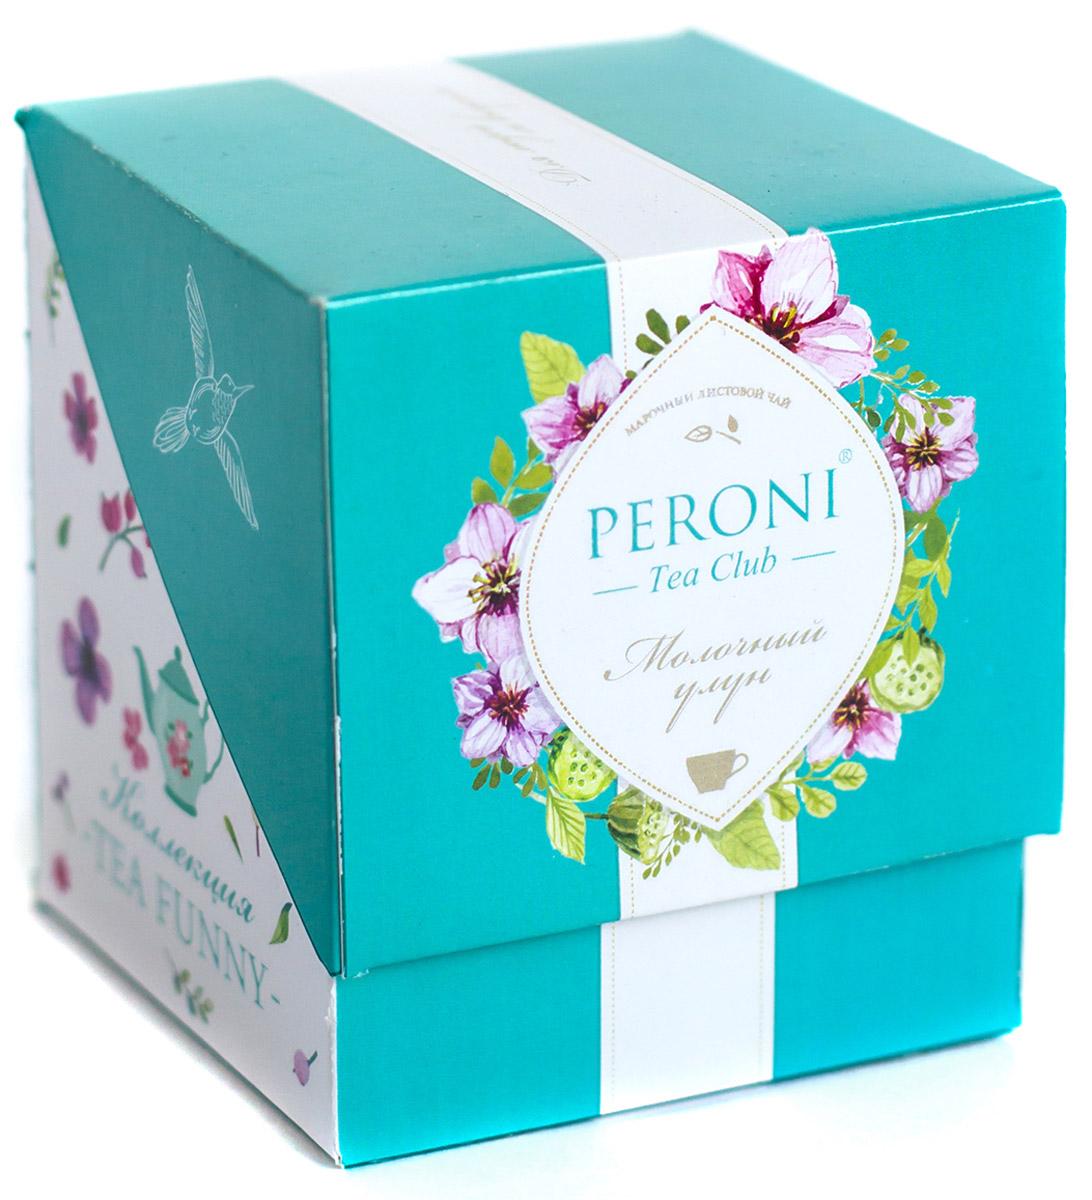 Peroni Tea Funny Молочный улун черный листовой чай, 60 г чай в подарочной упаковке peroni молочный улун